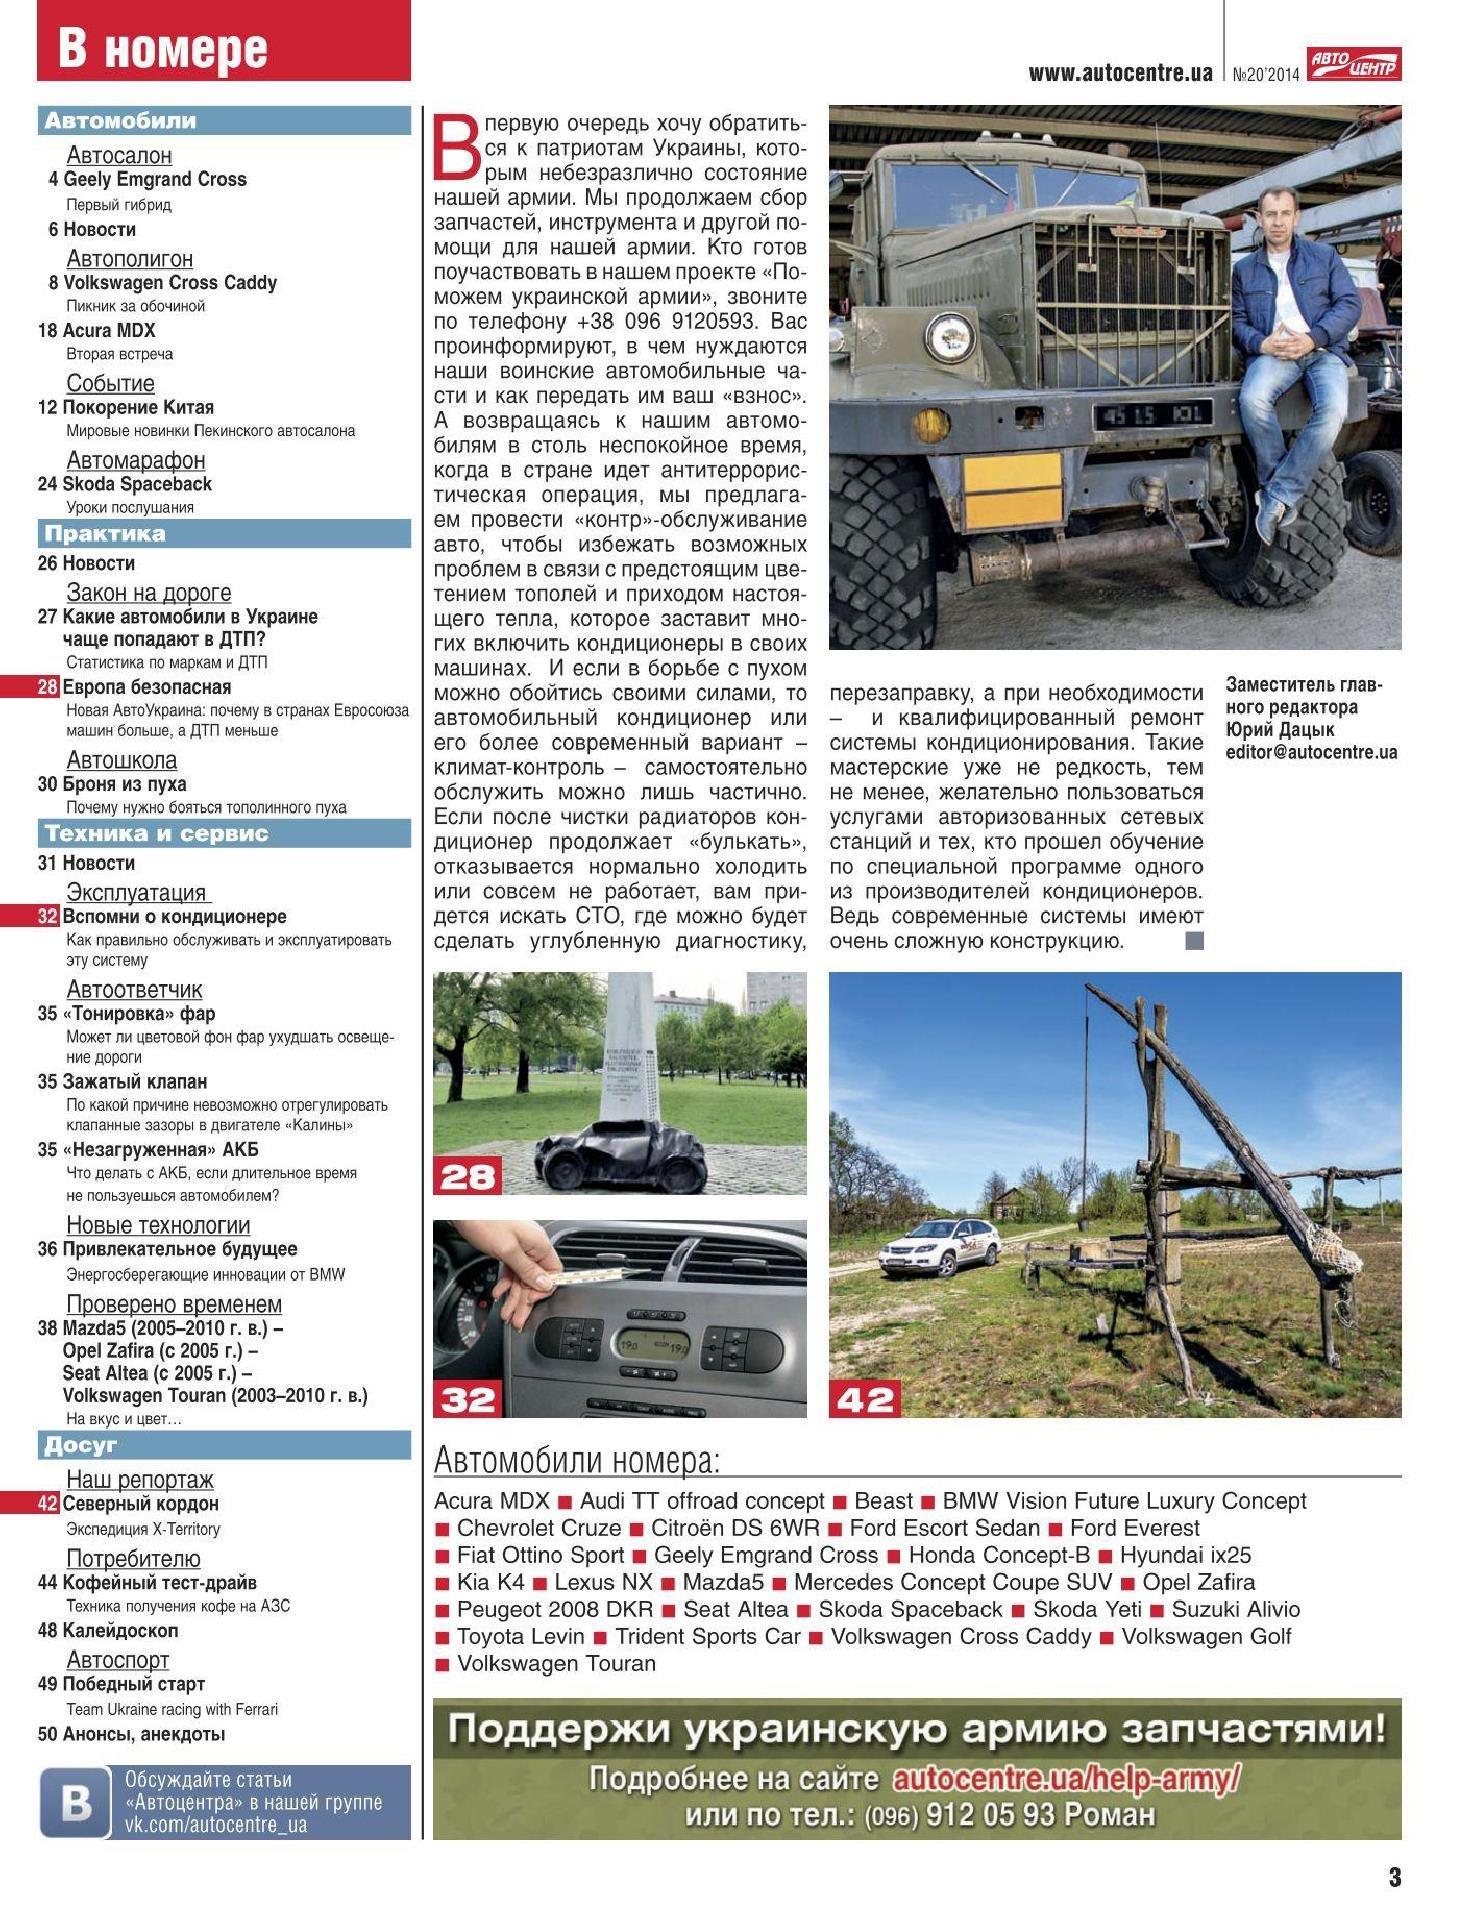 Автоцентр №20 (май 2014) PDF